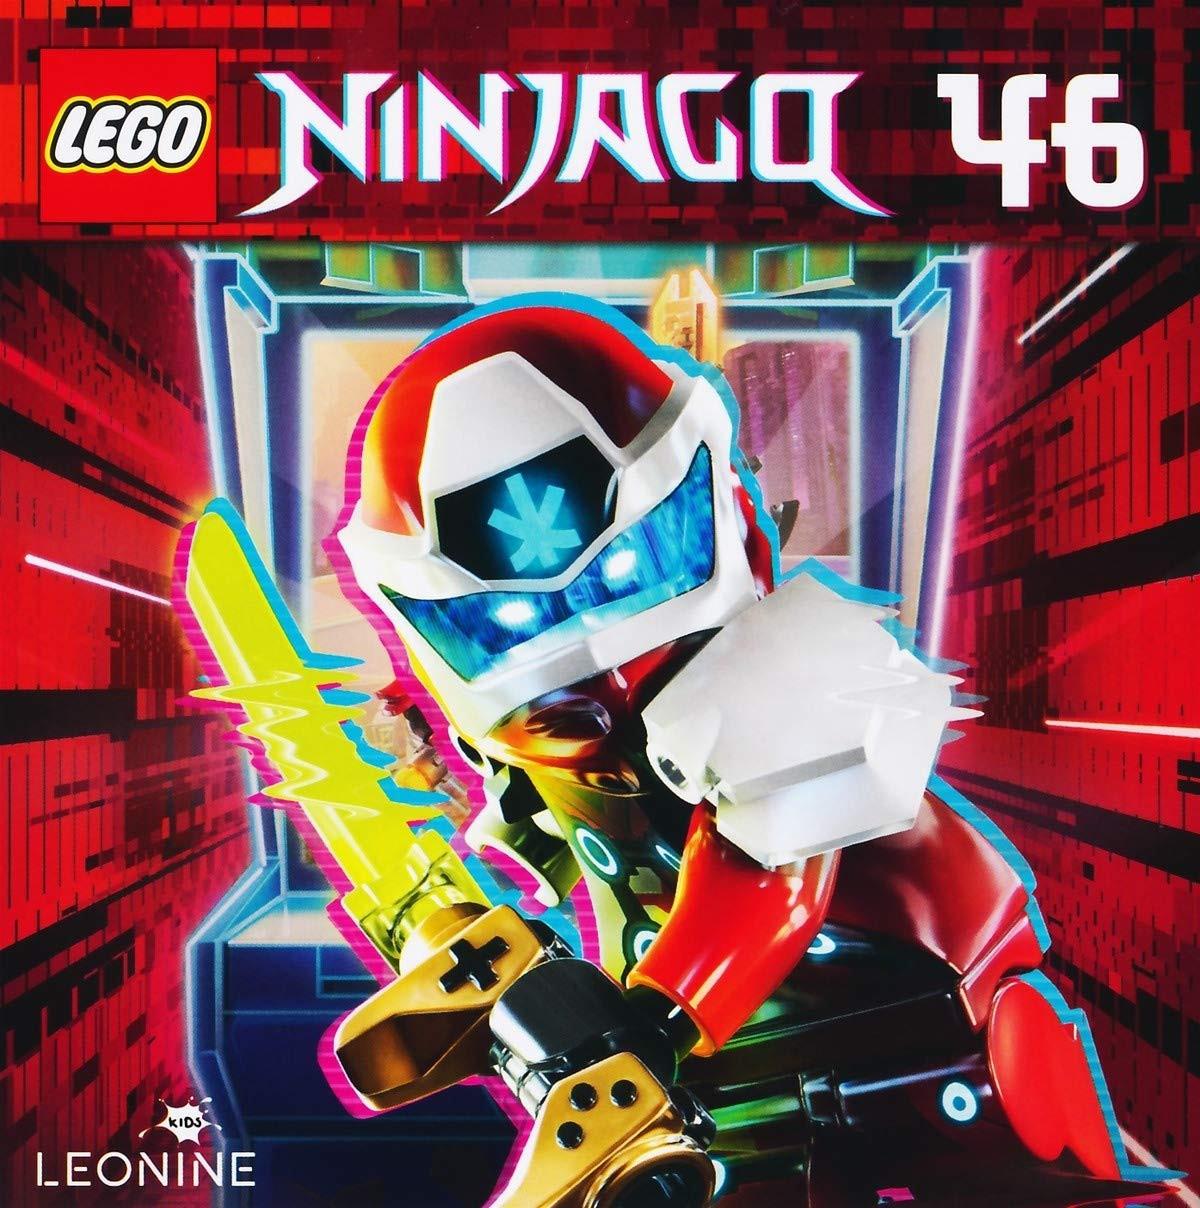 LEGO Ninjago (CD 46)